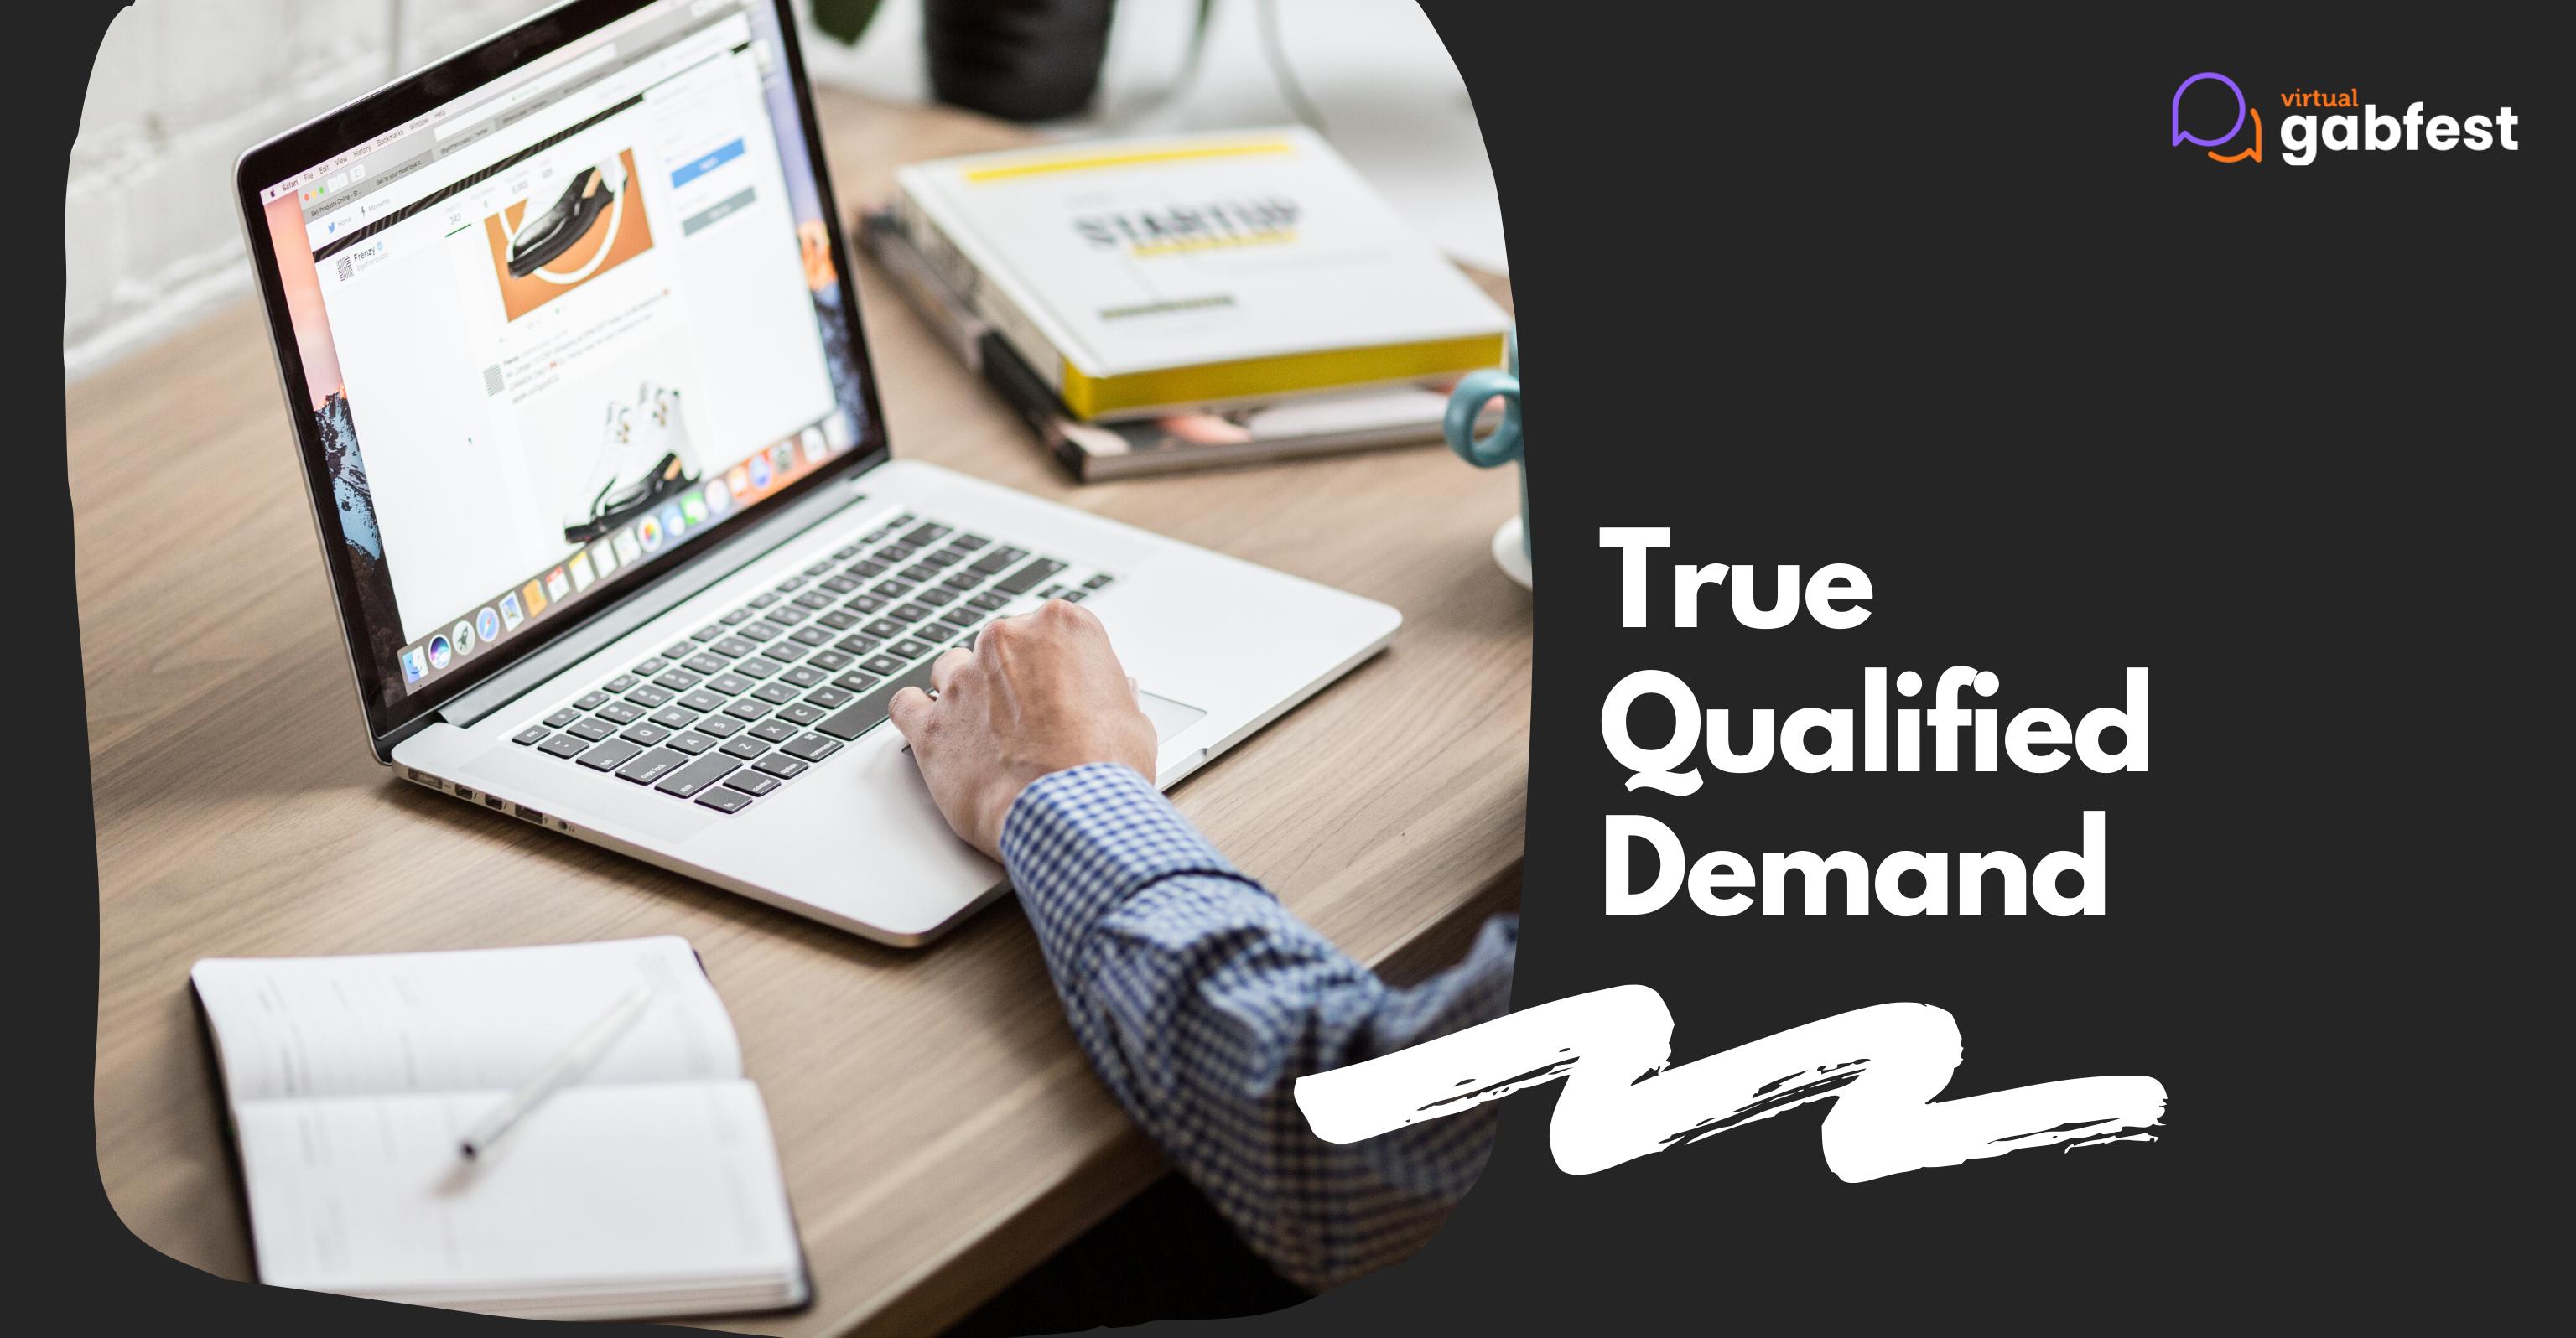 True Qualified Demand